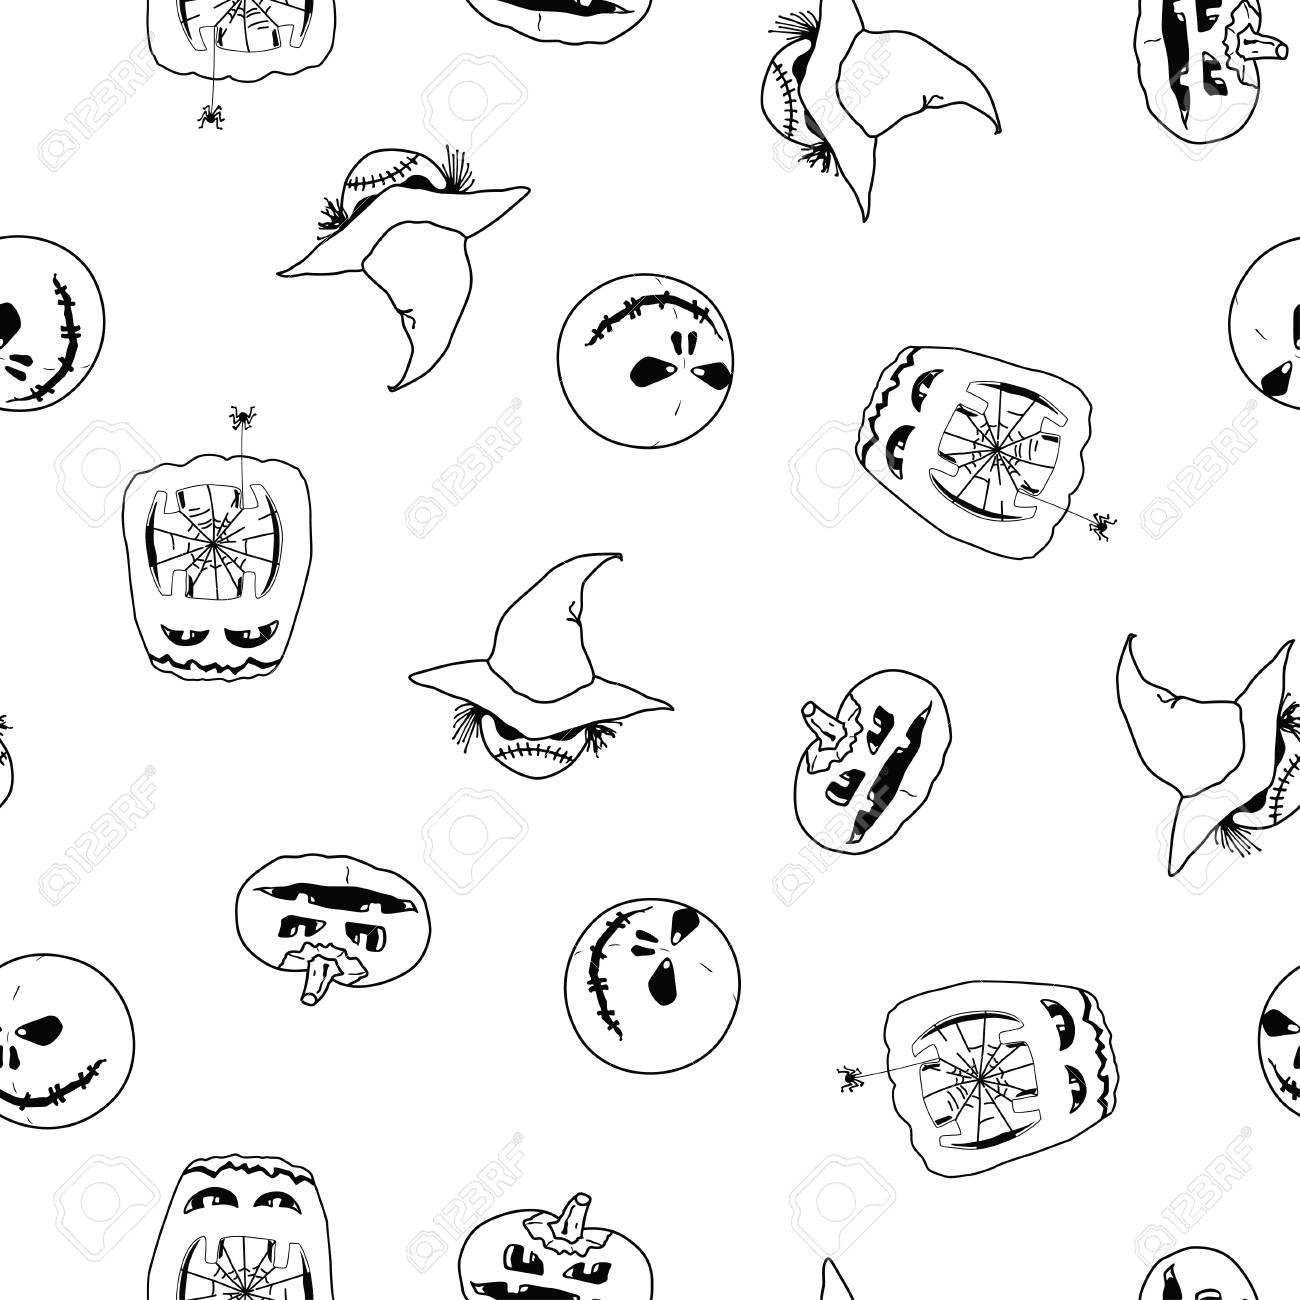 Beste Halloween Geist Vorlage Bilder Beispiel Wiederaufnahme